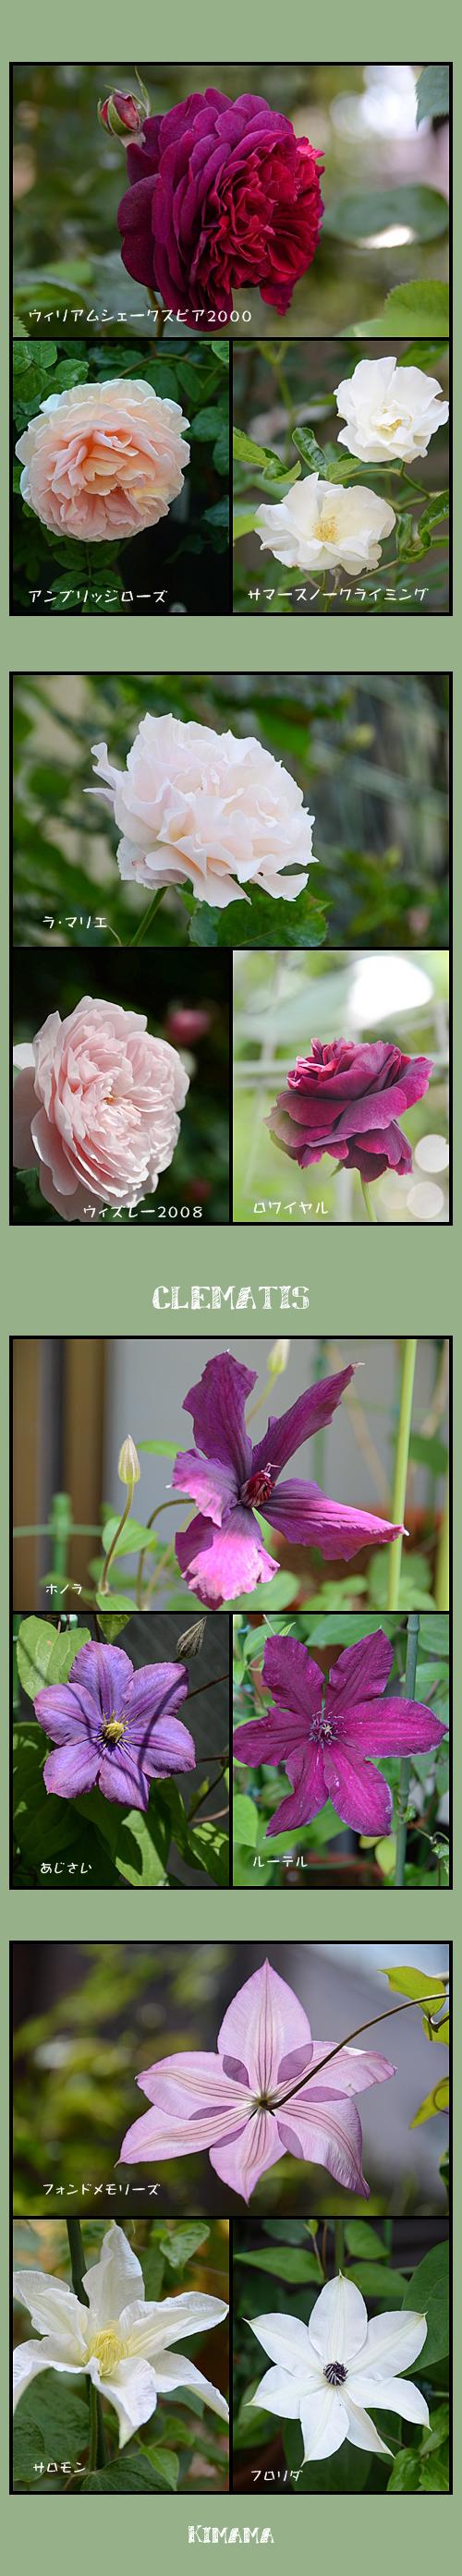 5月14日薔薇2